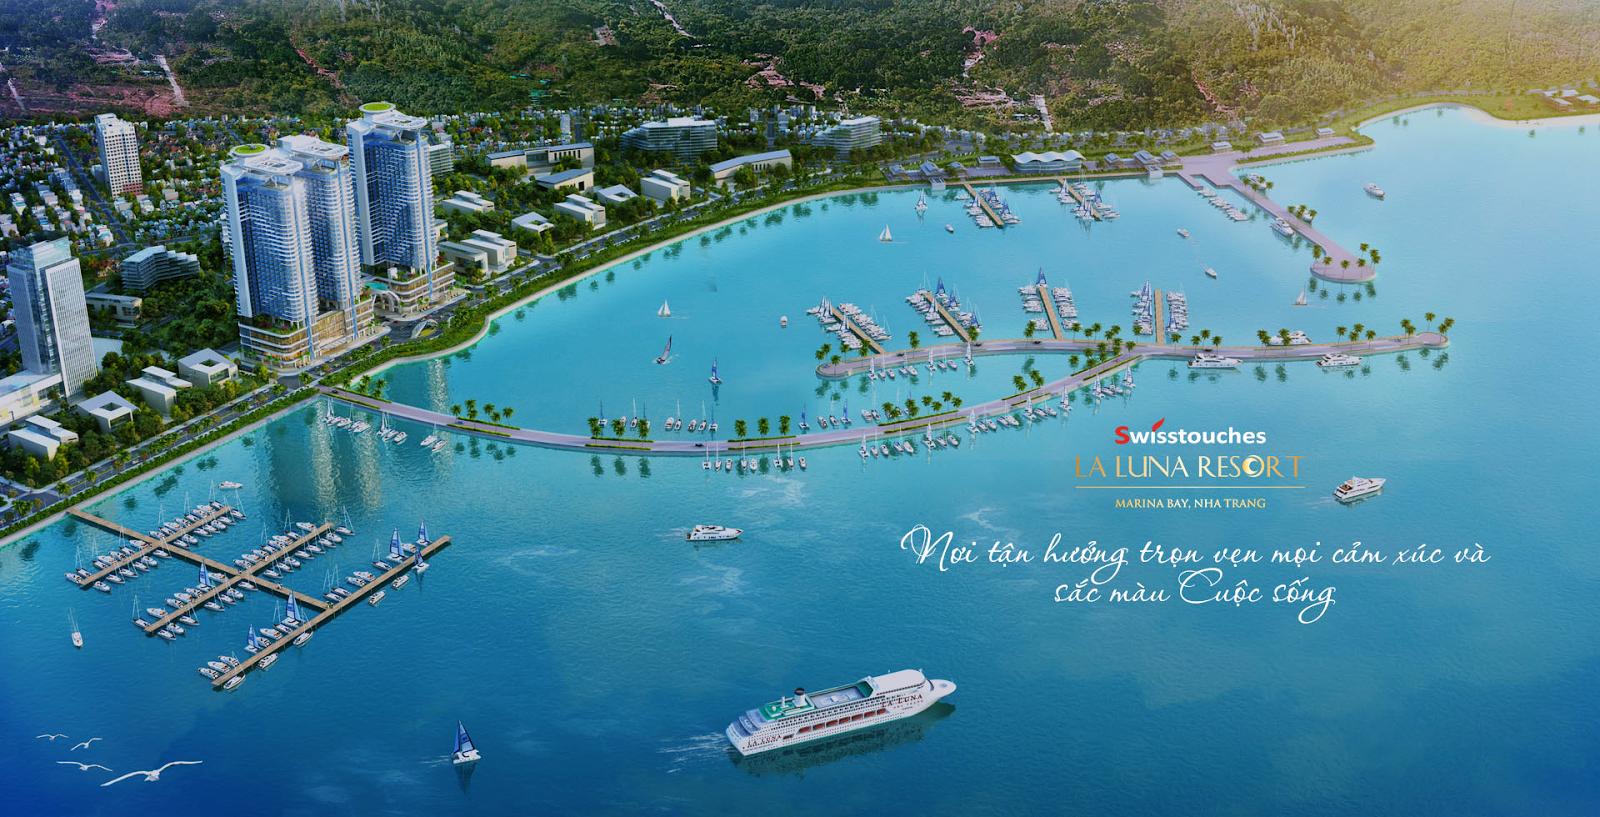 Phối cảnh dự án Swisstouches La Luna Nha Trang